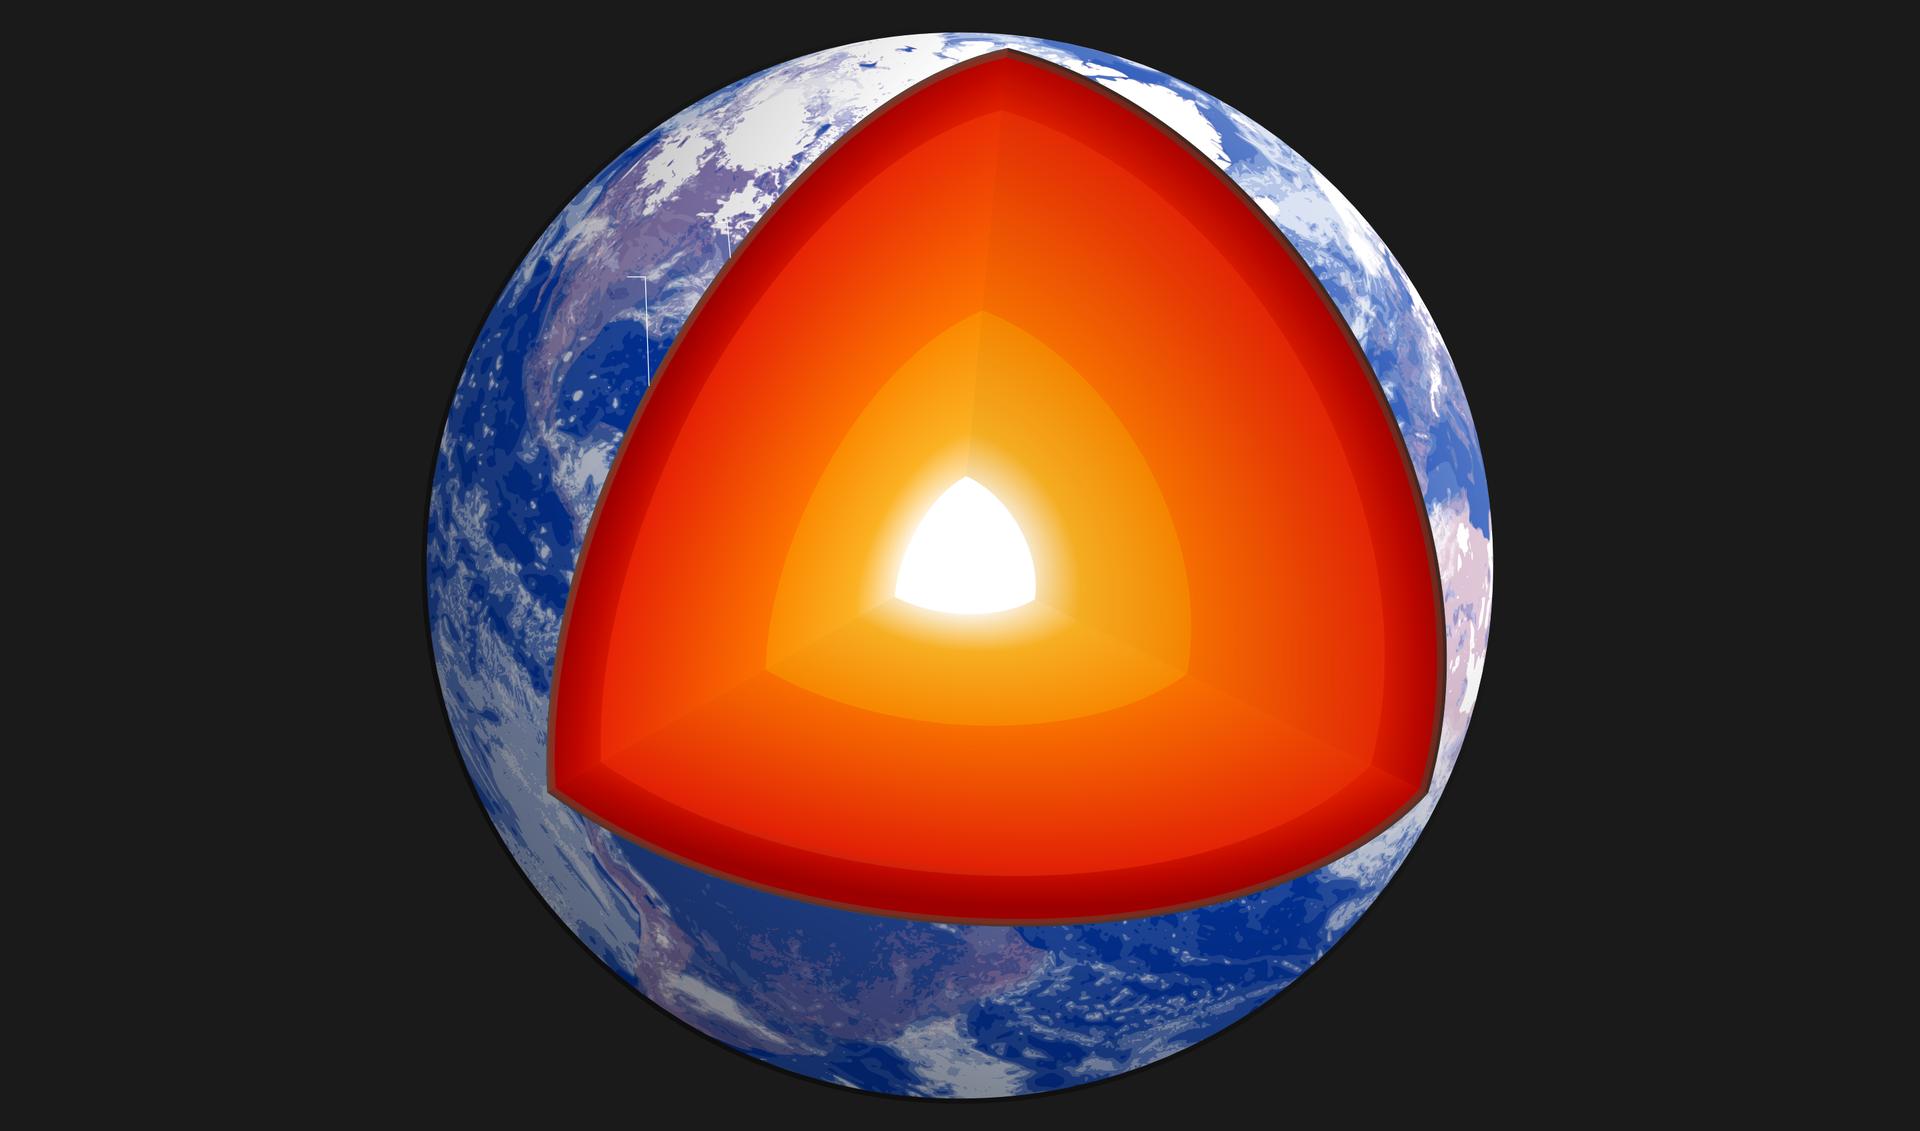 Na czarnym tle kula ziemska. Widoczne wody wkolorze granatowym iwarstwa chmur. Wycięty duży fragment kuli. Wewnątrz widać 3 warstwy iświecący środek. Kolory warstw pomarańczowe. Najciemniejsza na zewnątrz. Bliżej środka jaśniejsze. Wewnątrz wycinka najjaśniejszym kolorem zaznaczono jądro Ziemi.